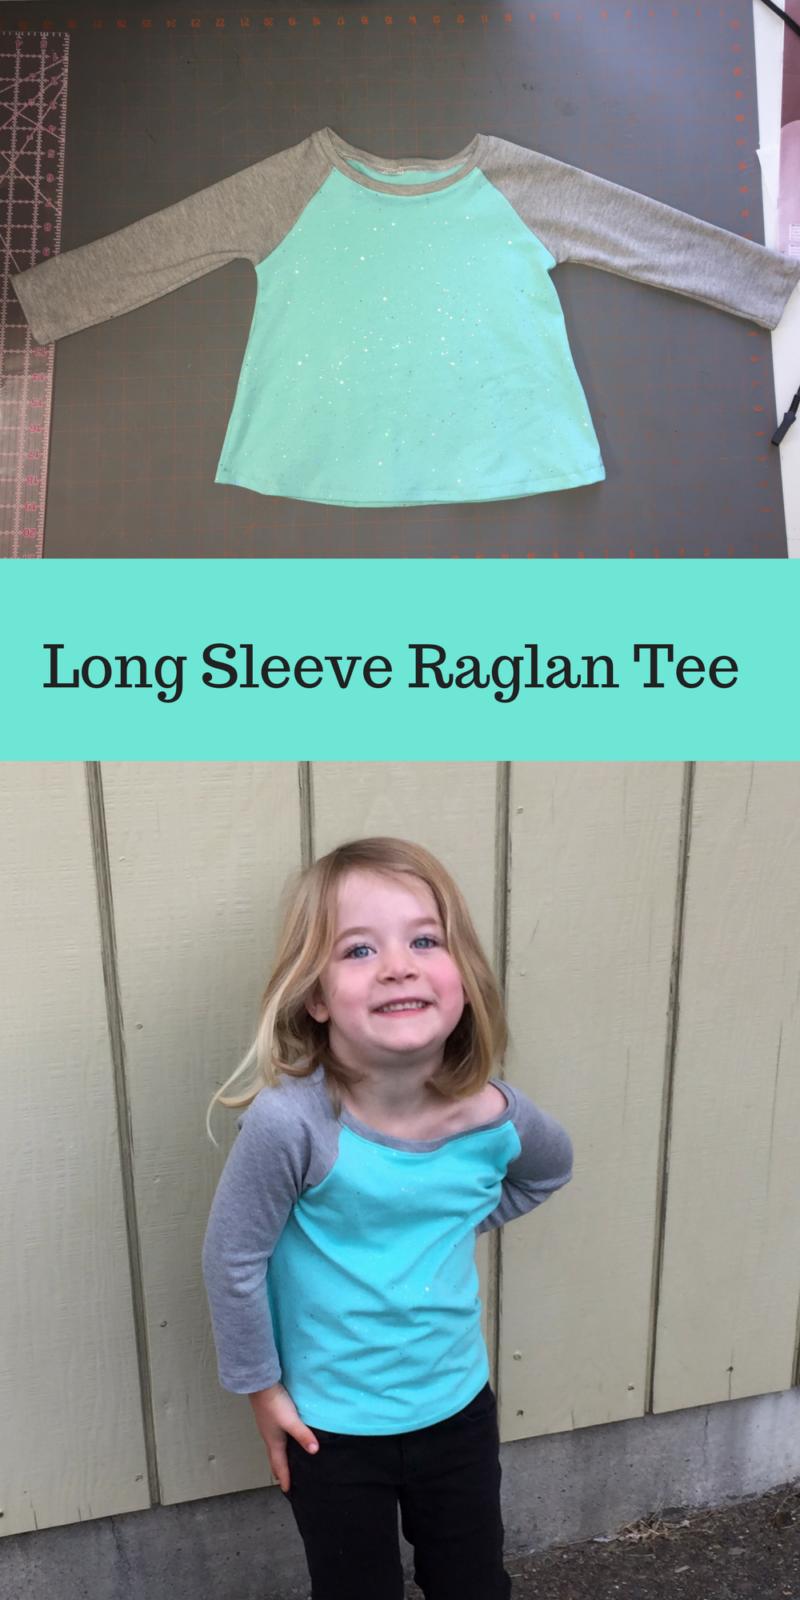 Make your own raglan t-shirt pattern